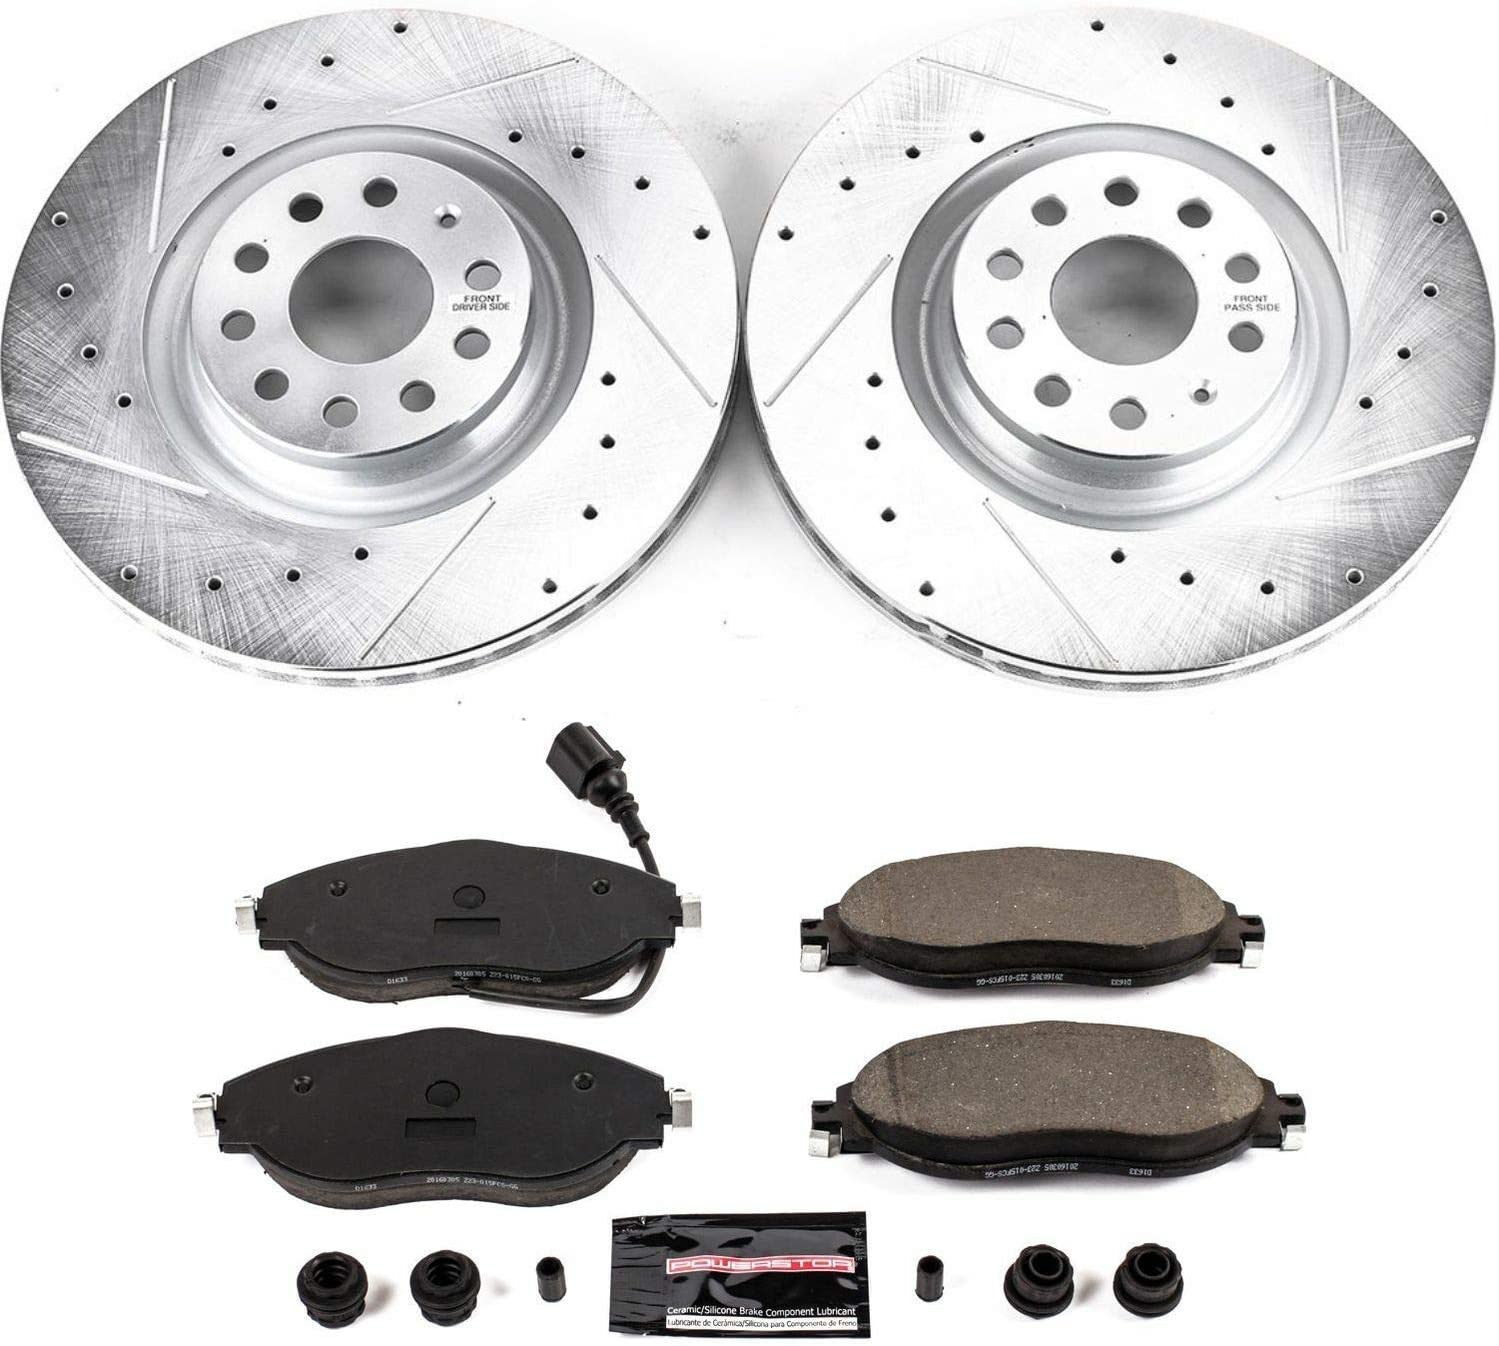 Power Stop K4601 Z23 Evolution/Sport Rear Brake Kit